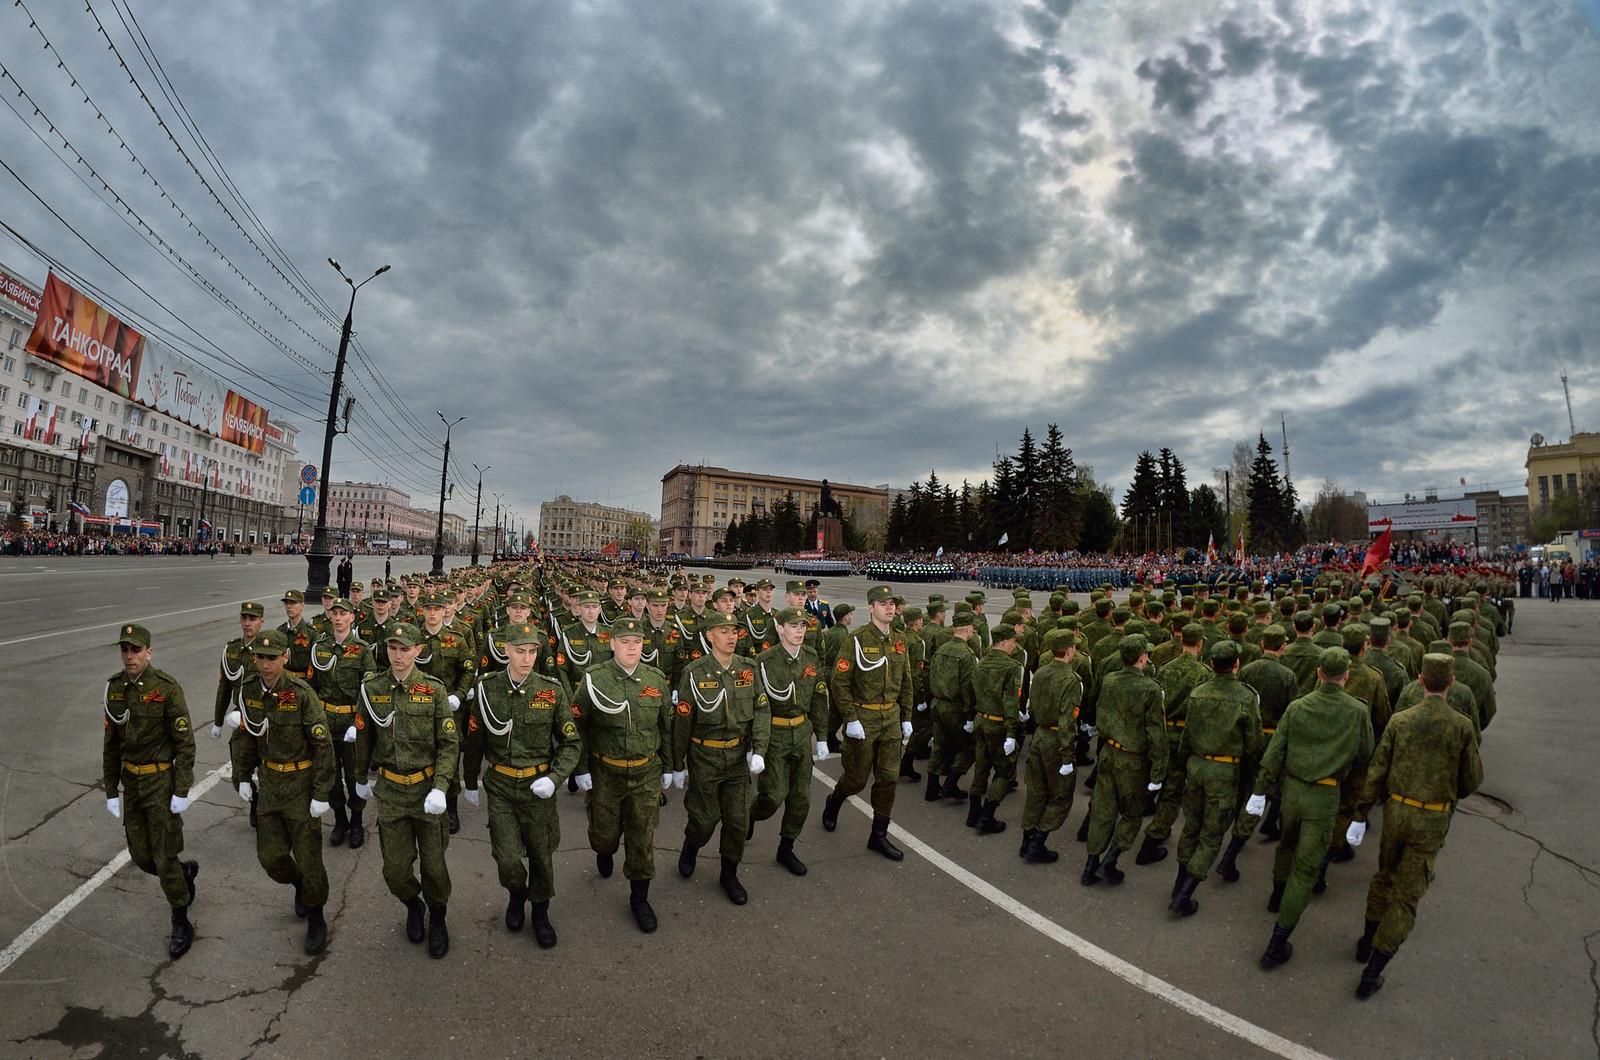 фотограф Челябинск - Военный парад, Россия - Military parade, Russia